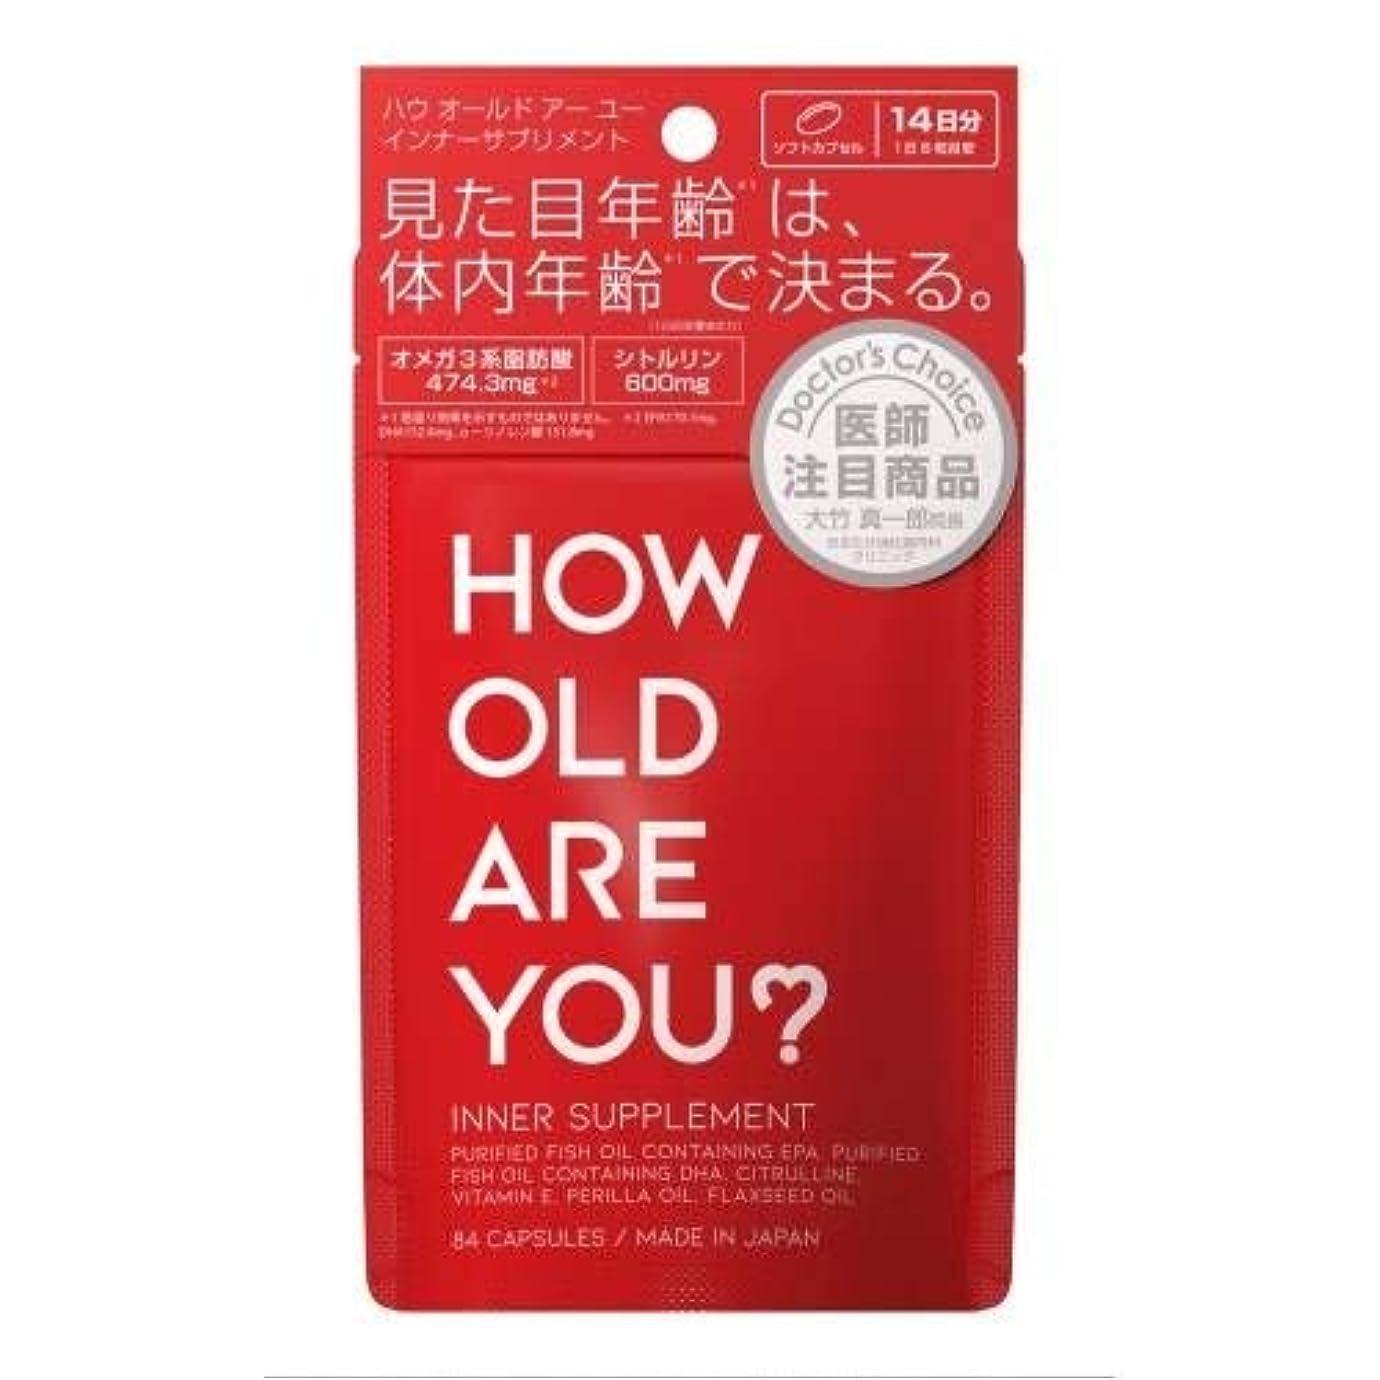 哀れな誇張ぬるい【2個セット】HOW OLD ARE YOU?インナーサプリメント 84粒